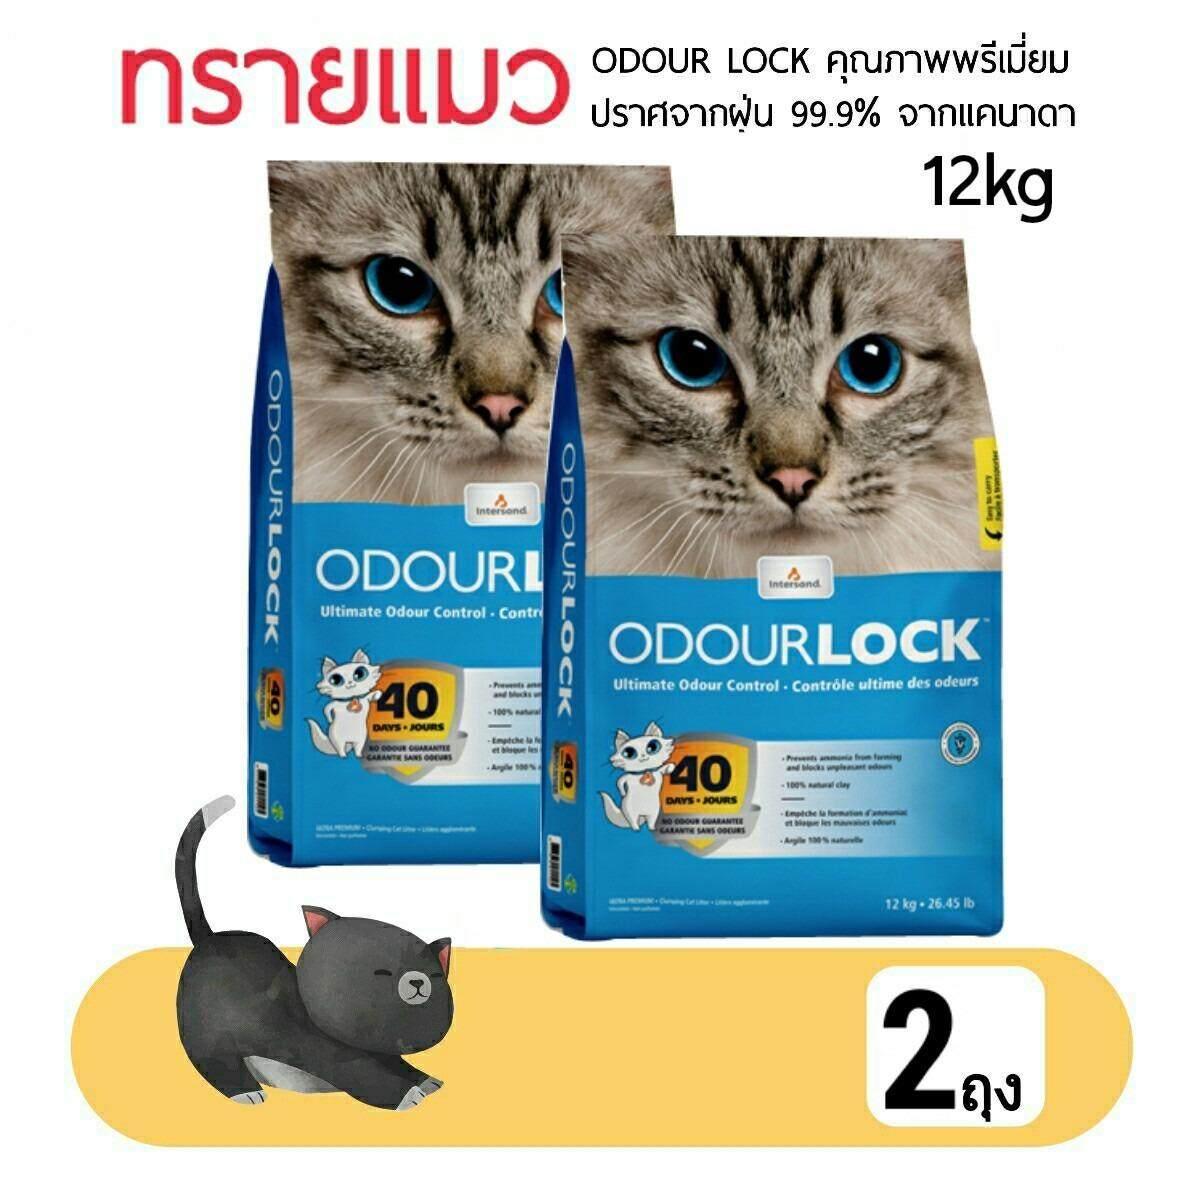 (2 ถุง) ODOUR LOCK ทรายแมว คุณภาพพรีเมียม ปราศจากฝุ่น 99.99% ขนาด 12kg